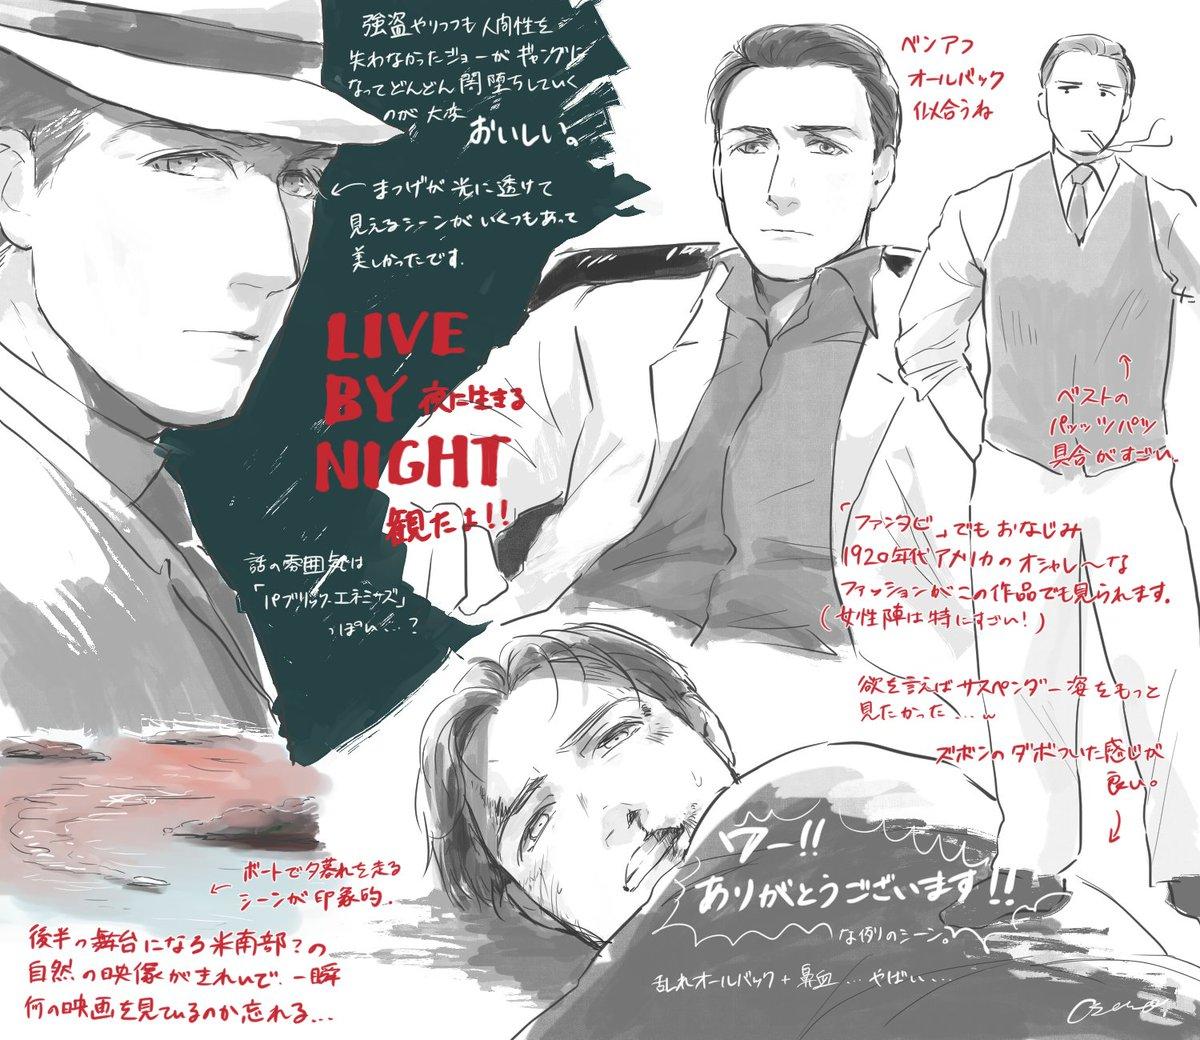 「夜に生きる」万人受けするとは思ってないんですが個人的にめちゃくちゃ好きな雰囲気の映画だったので見てほしいな~っていうあれです!!!